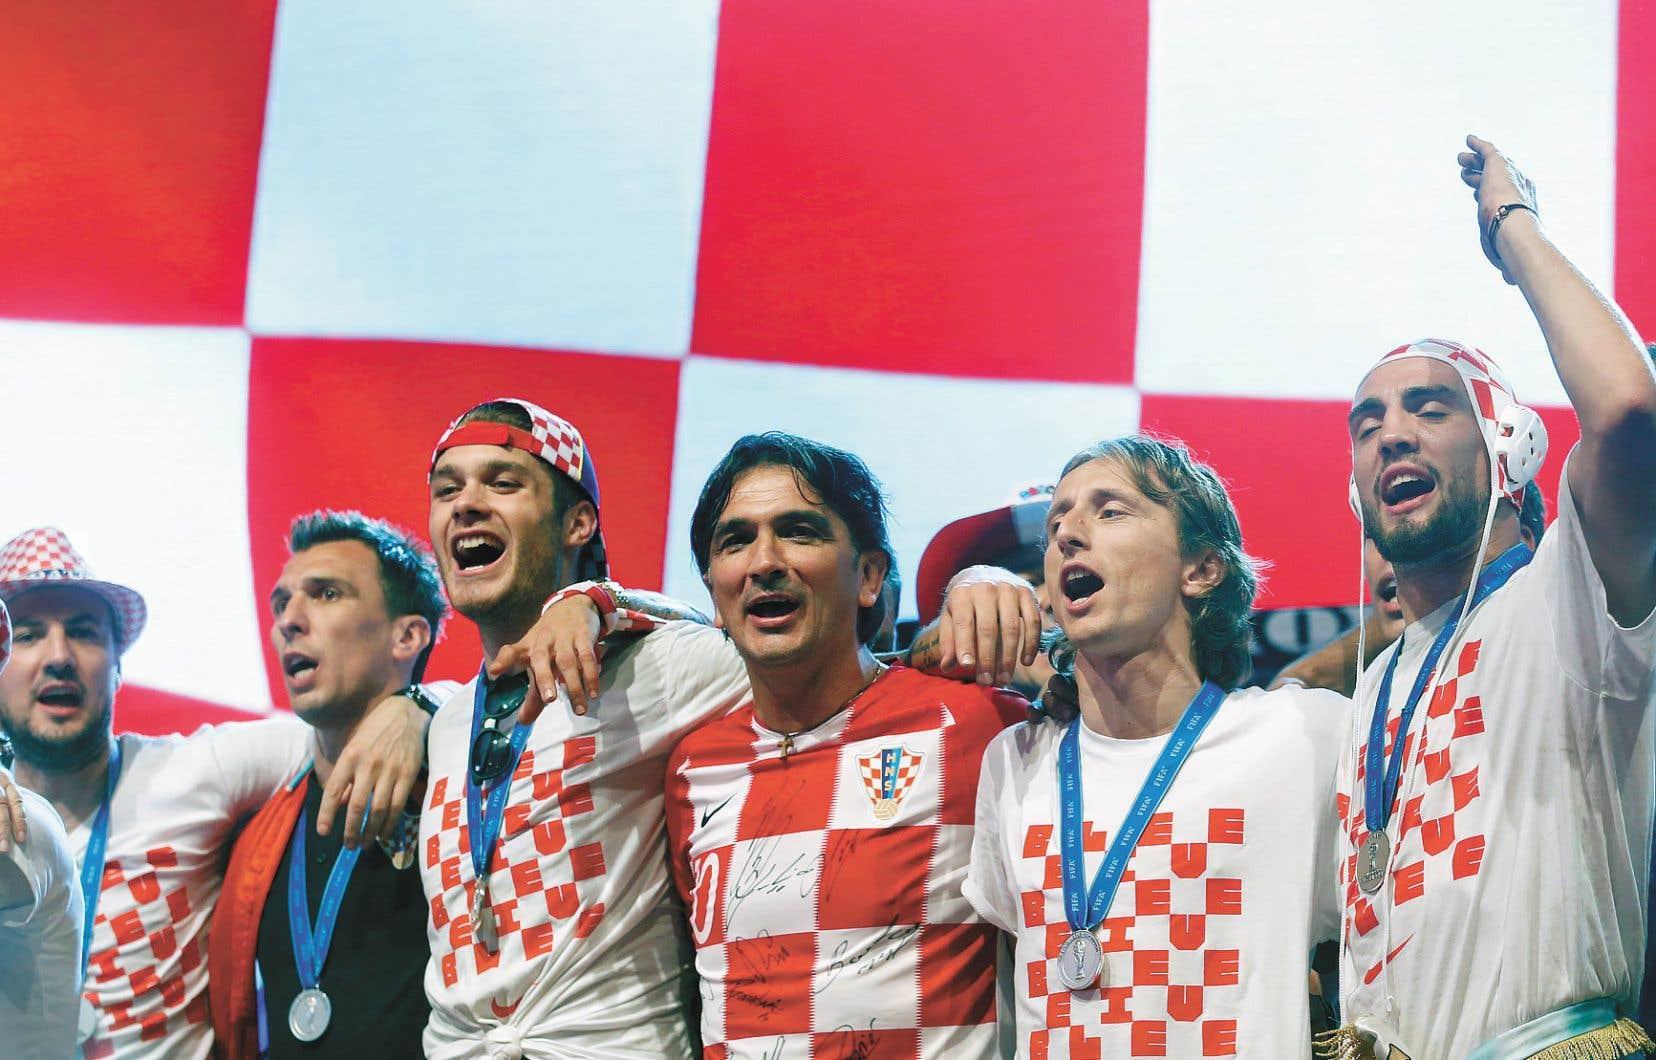 Les joueurs et leur entraîneur, Slatko Dalic, ont entonné «Moja domovina» («Ma patrie»), chanson patriotique des années 1990.